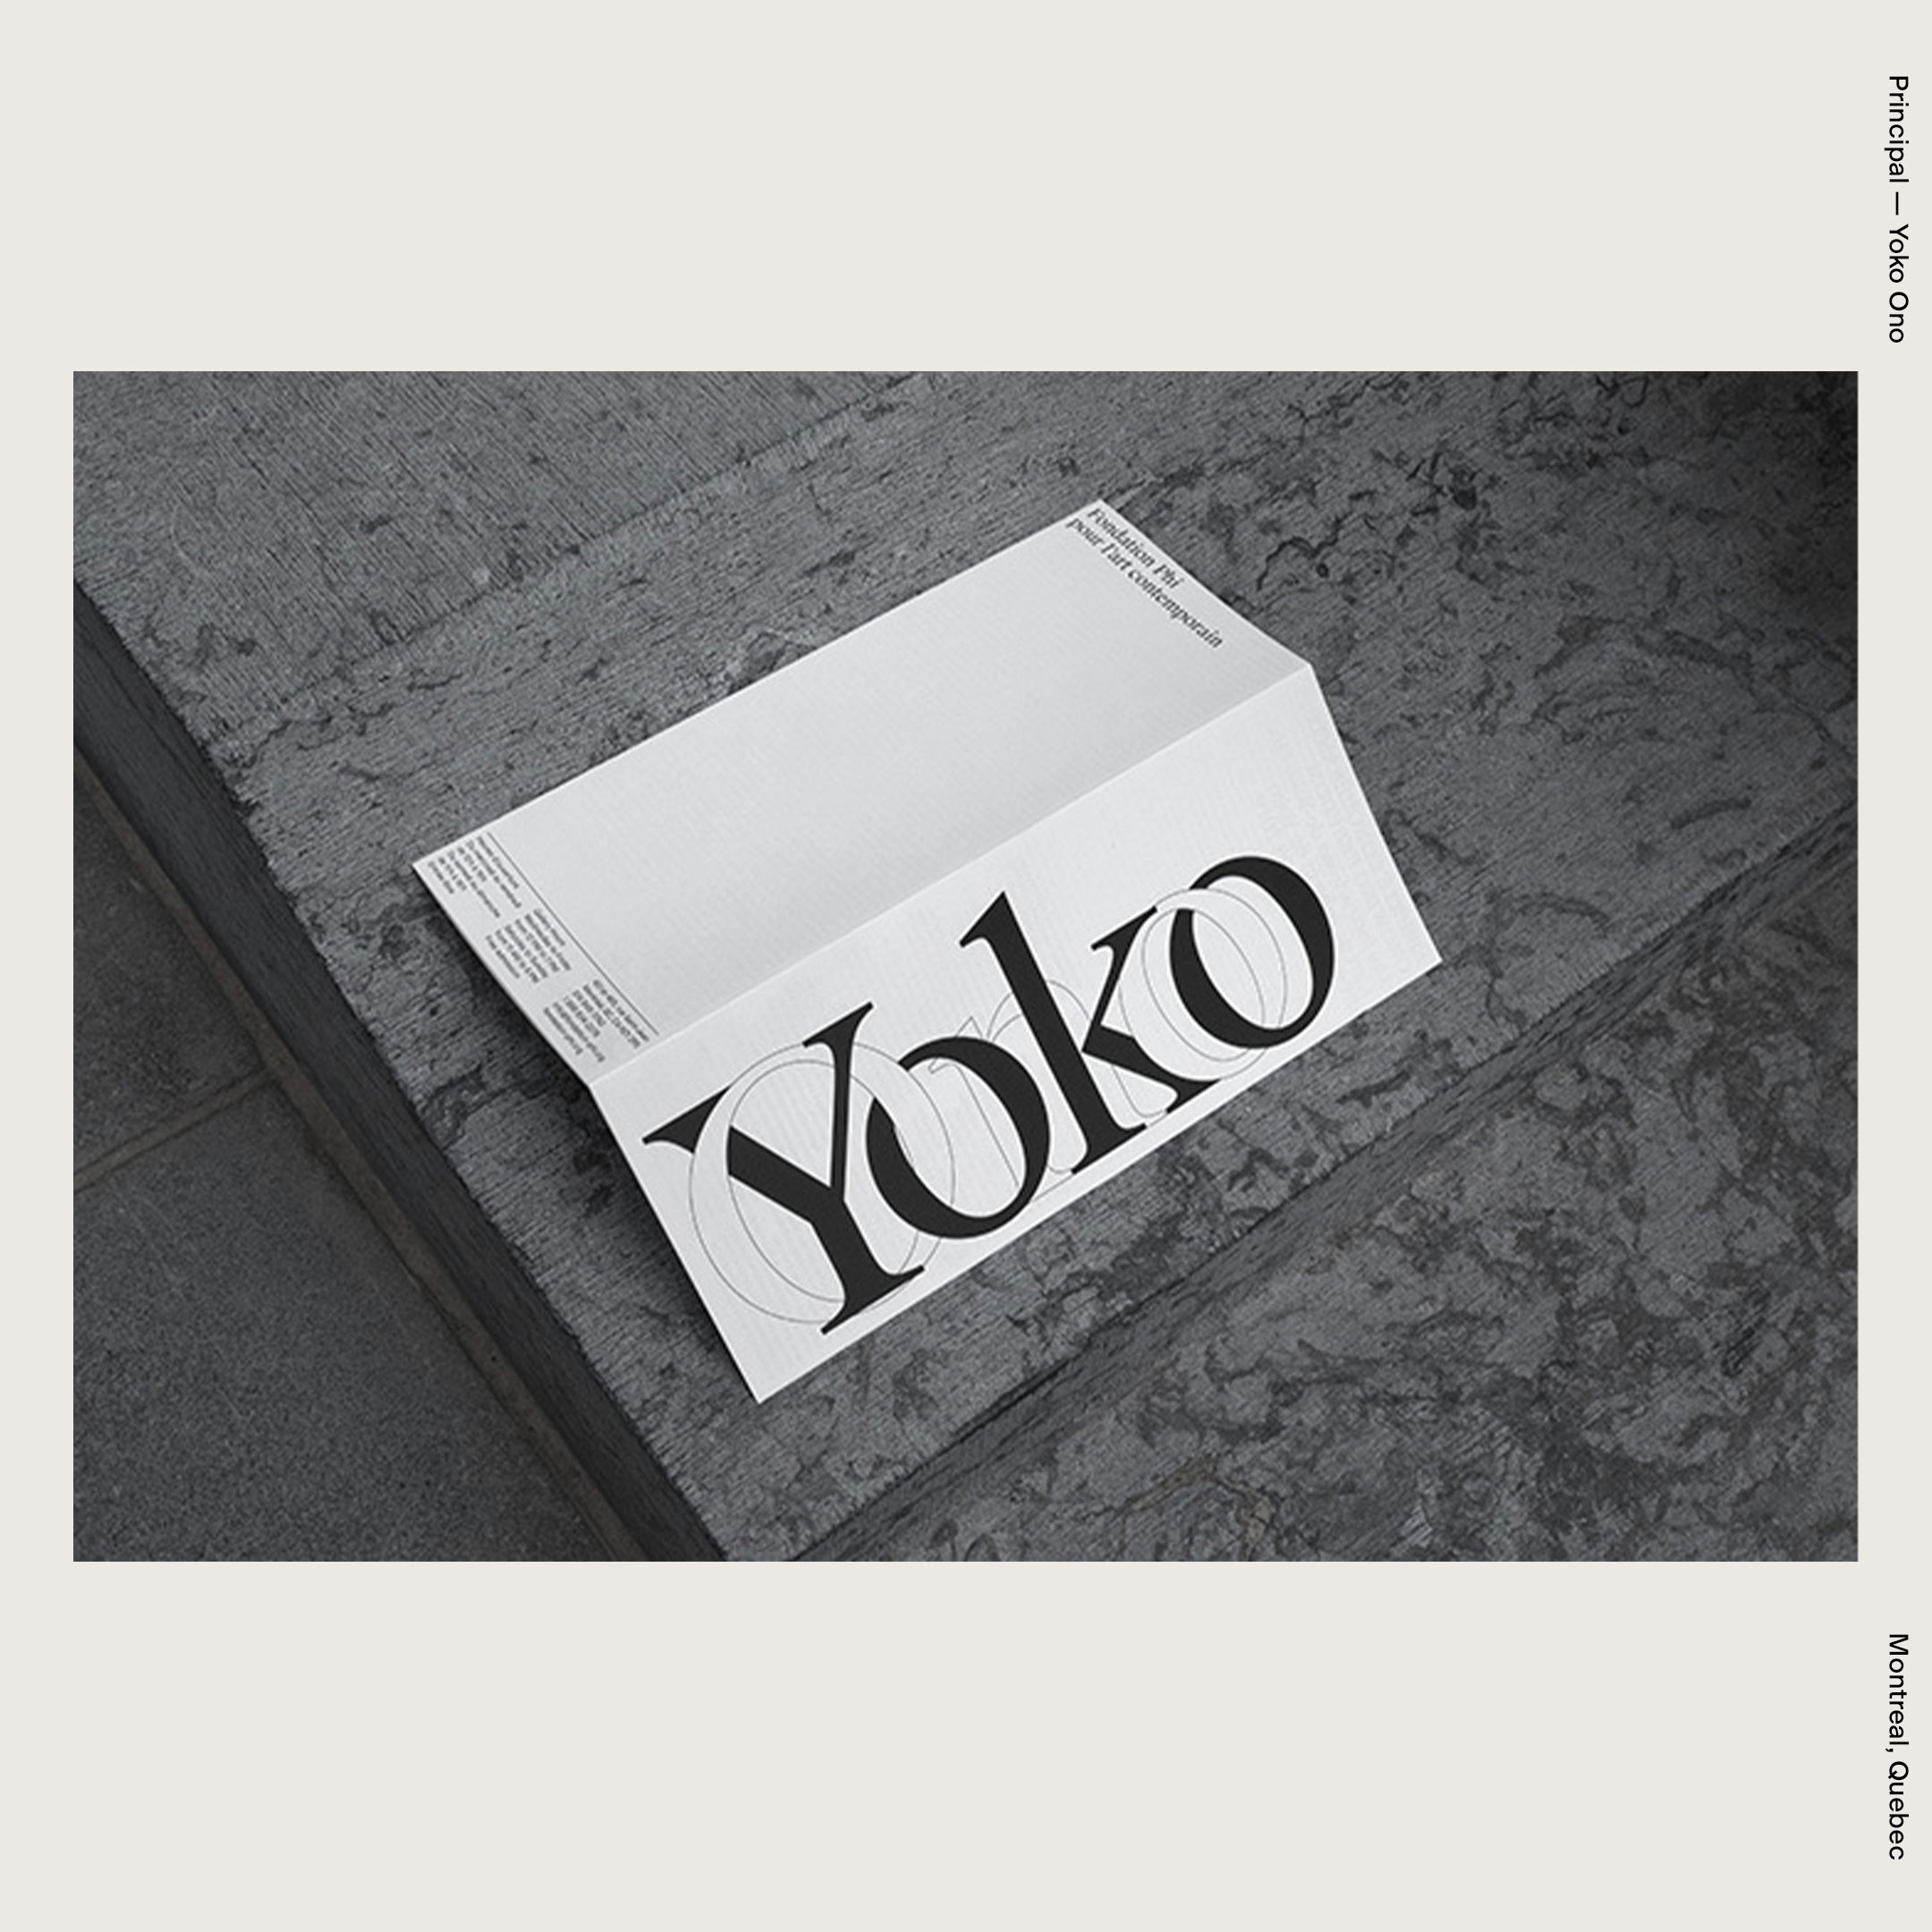 Principal — Yoko Ono